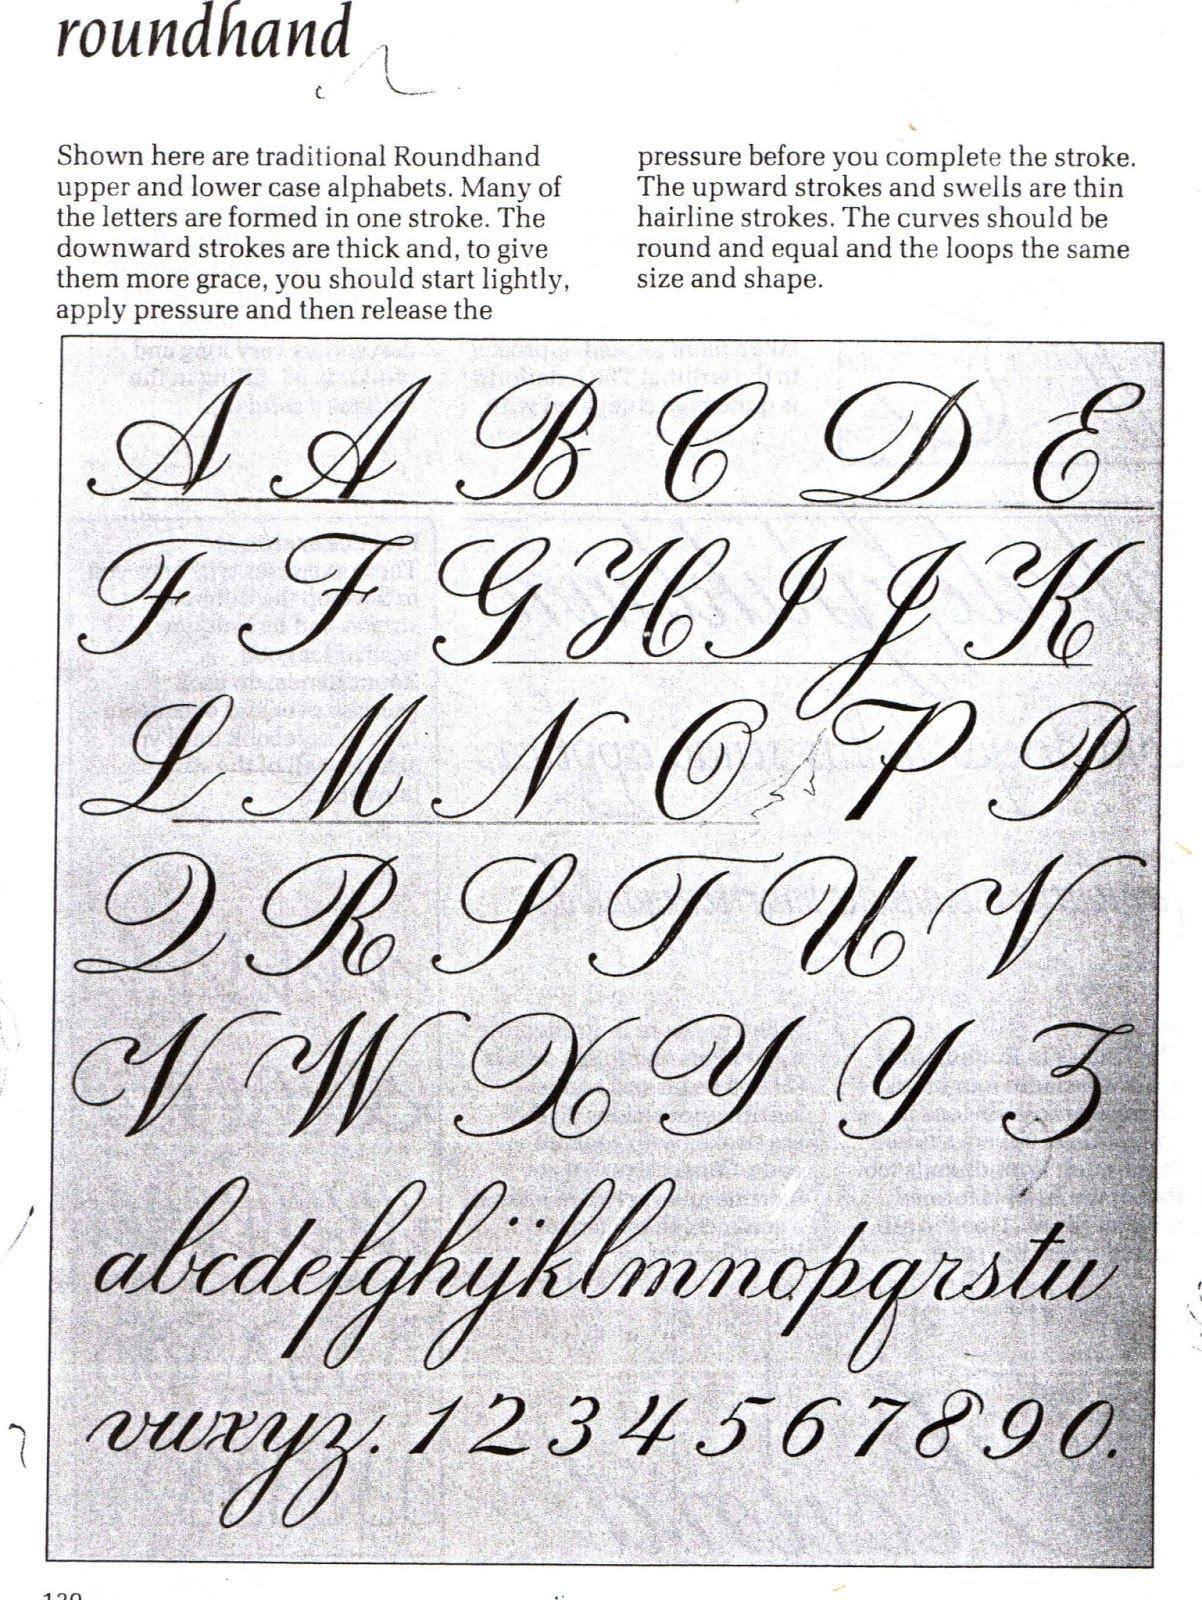 Las Cursivas Asignatura De Caligrafia Expresiva Tipos De Letras Alfabeto Cursiva Abecedario En Cursiva